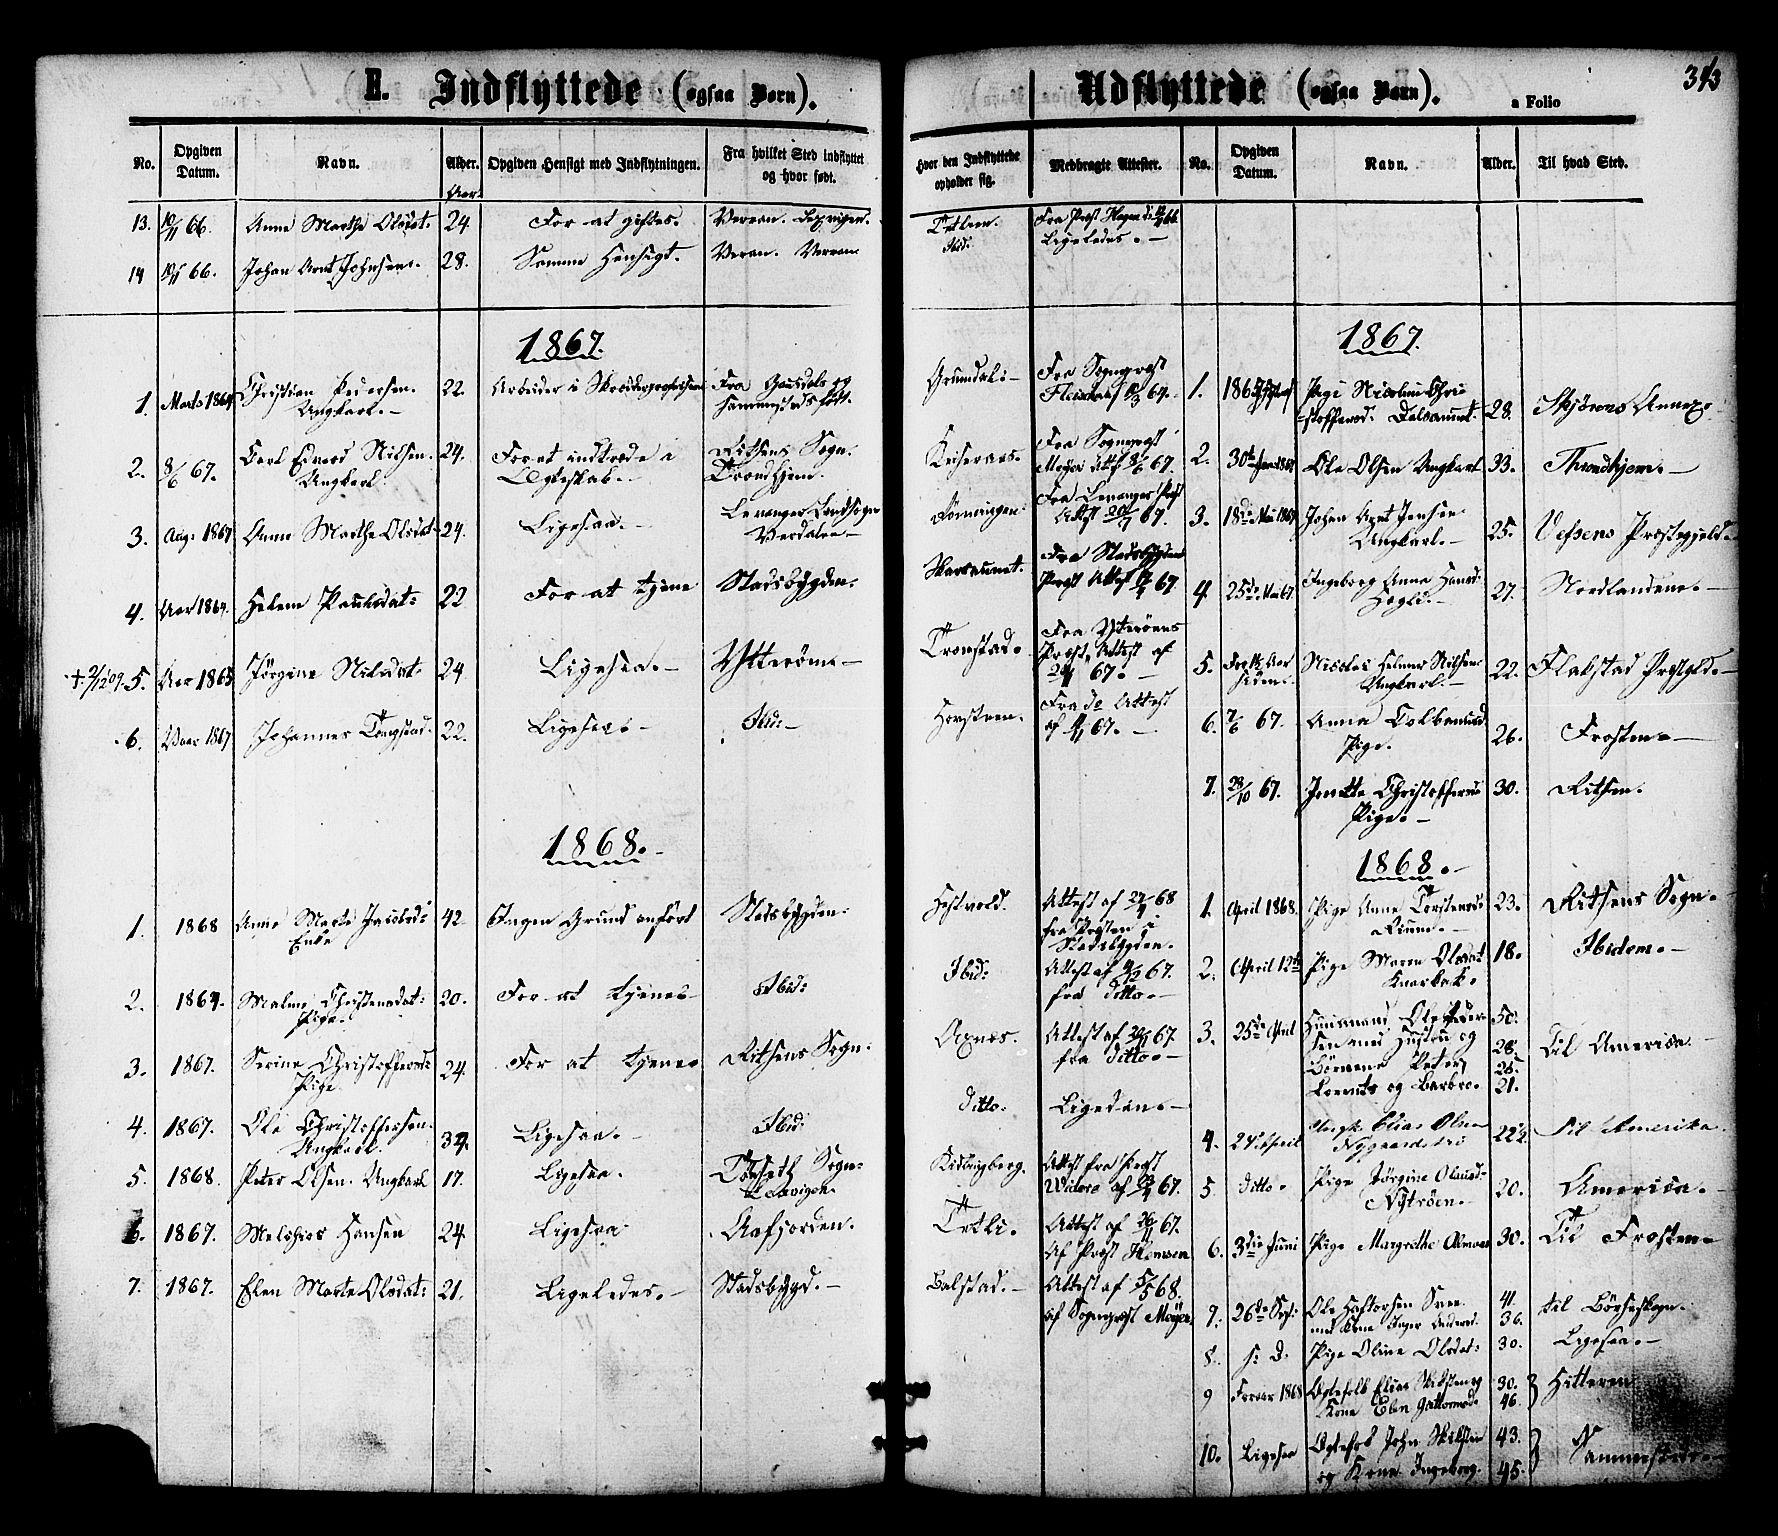 SAT, Ministerialprotokoller, klokkerbøker og fødselsregistre - Nord-Trøndelag, 701/L0009: Ministerialbok nr. 701A09 /1, 1864-1882, s. 343